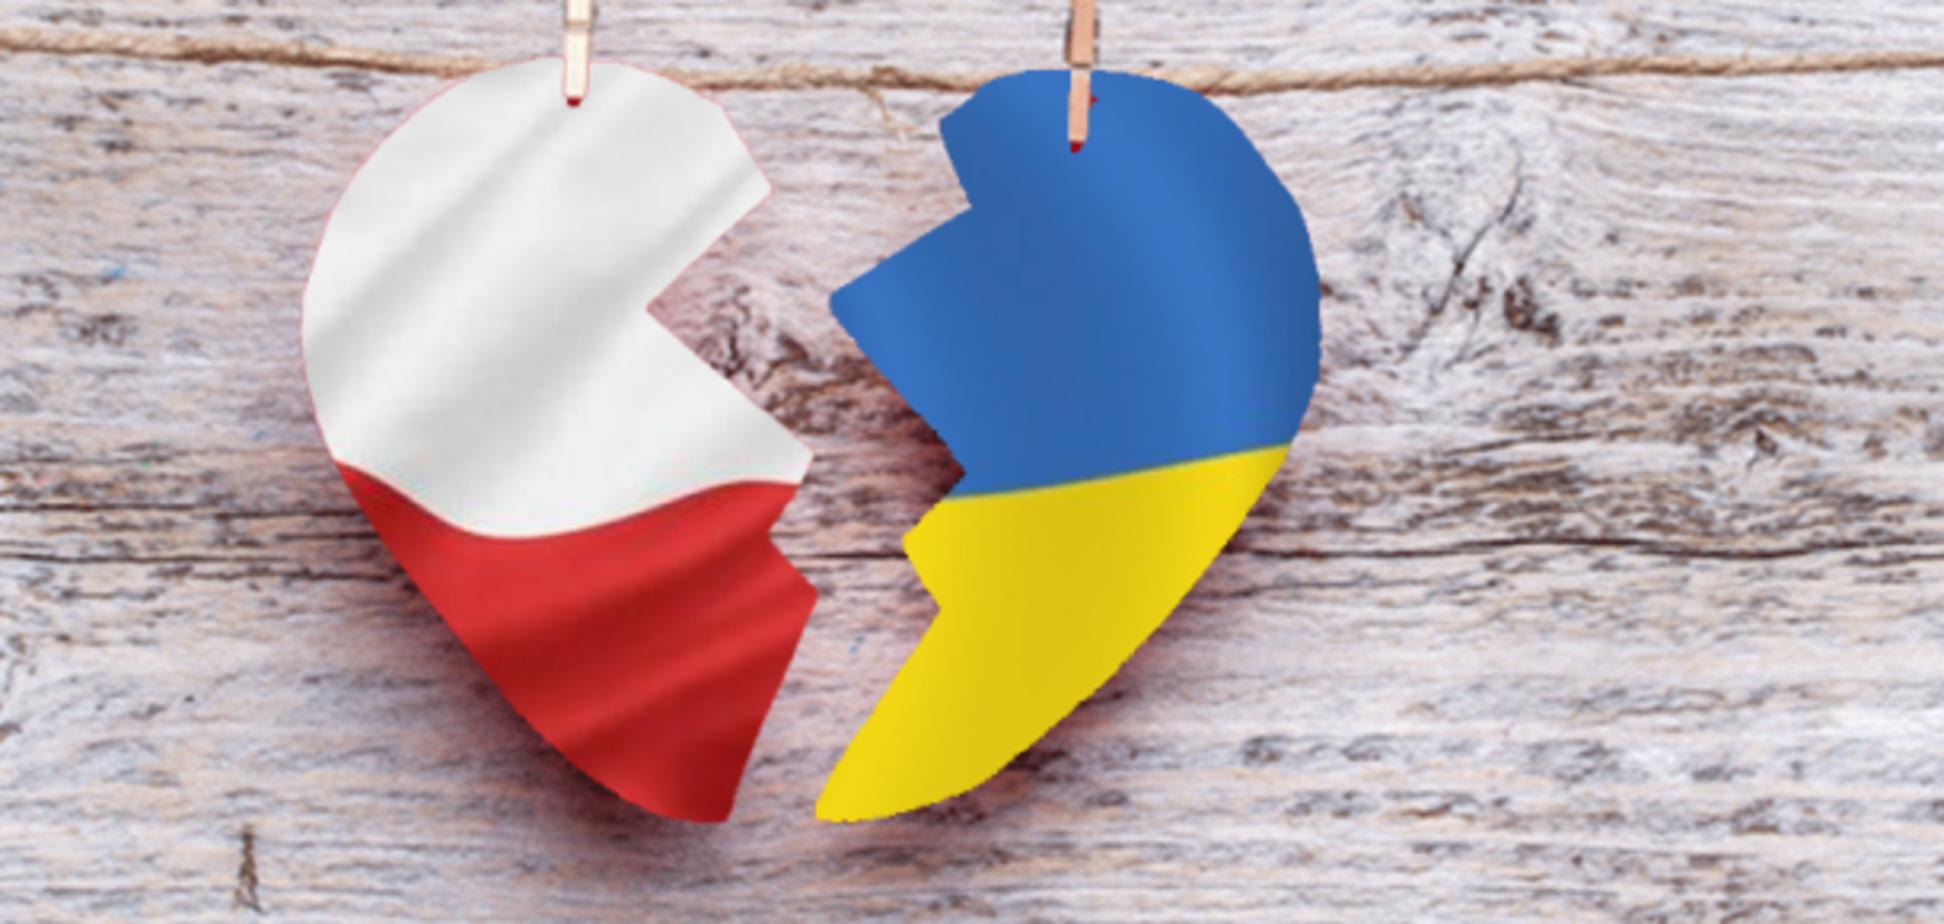 Страна-друг Украины сделала жесткий выпад в адрес Киева